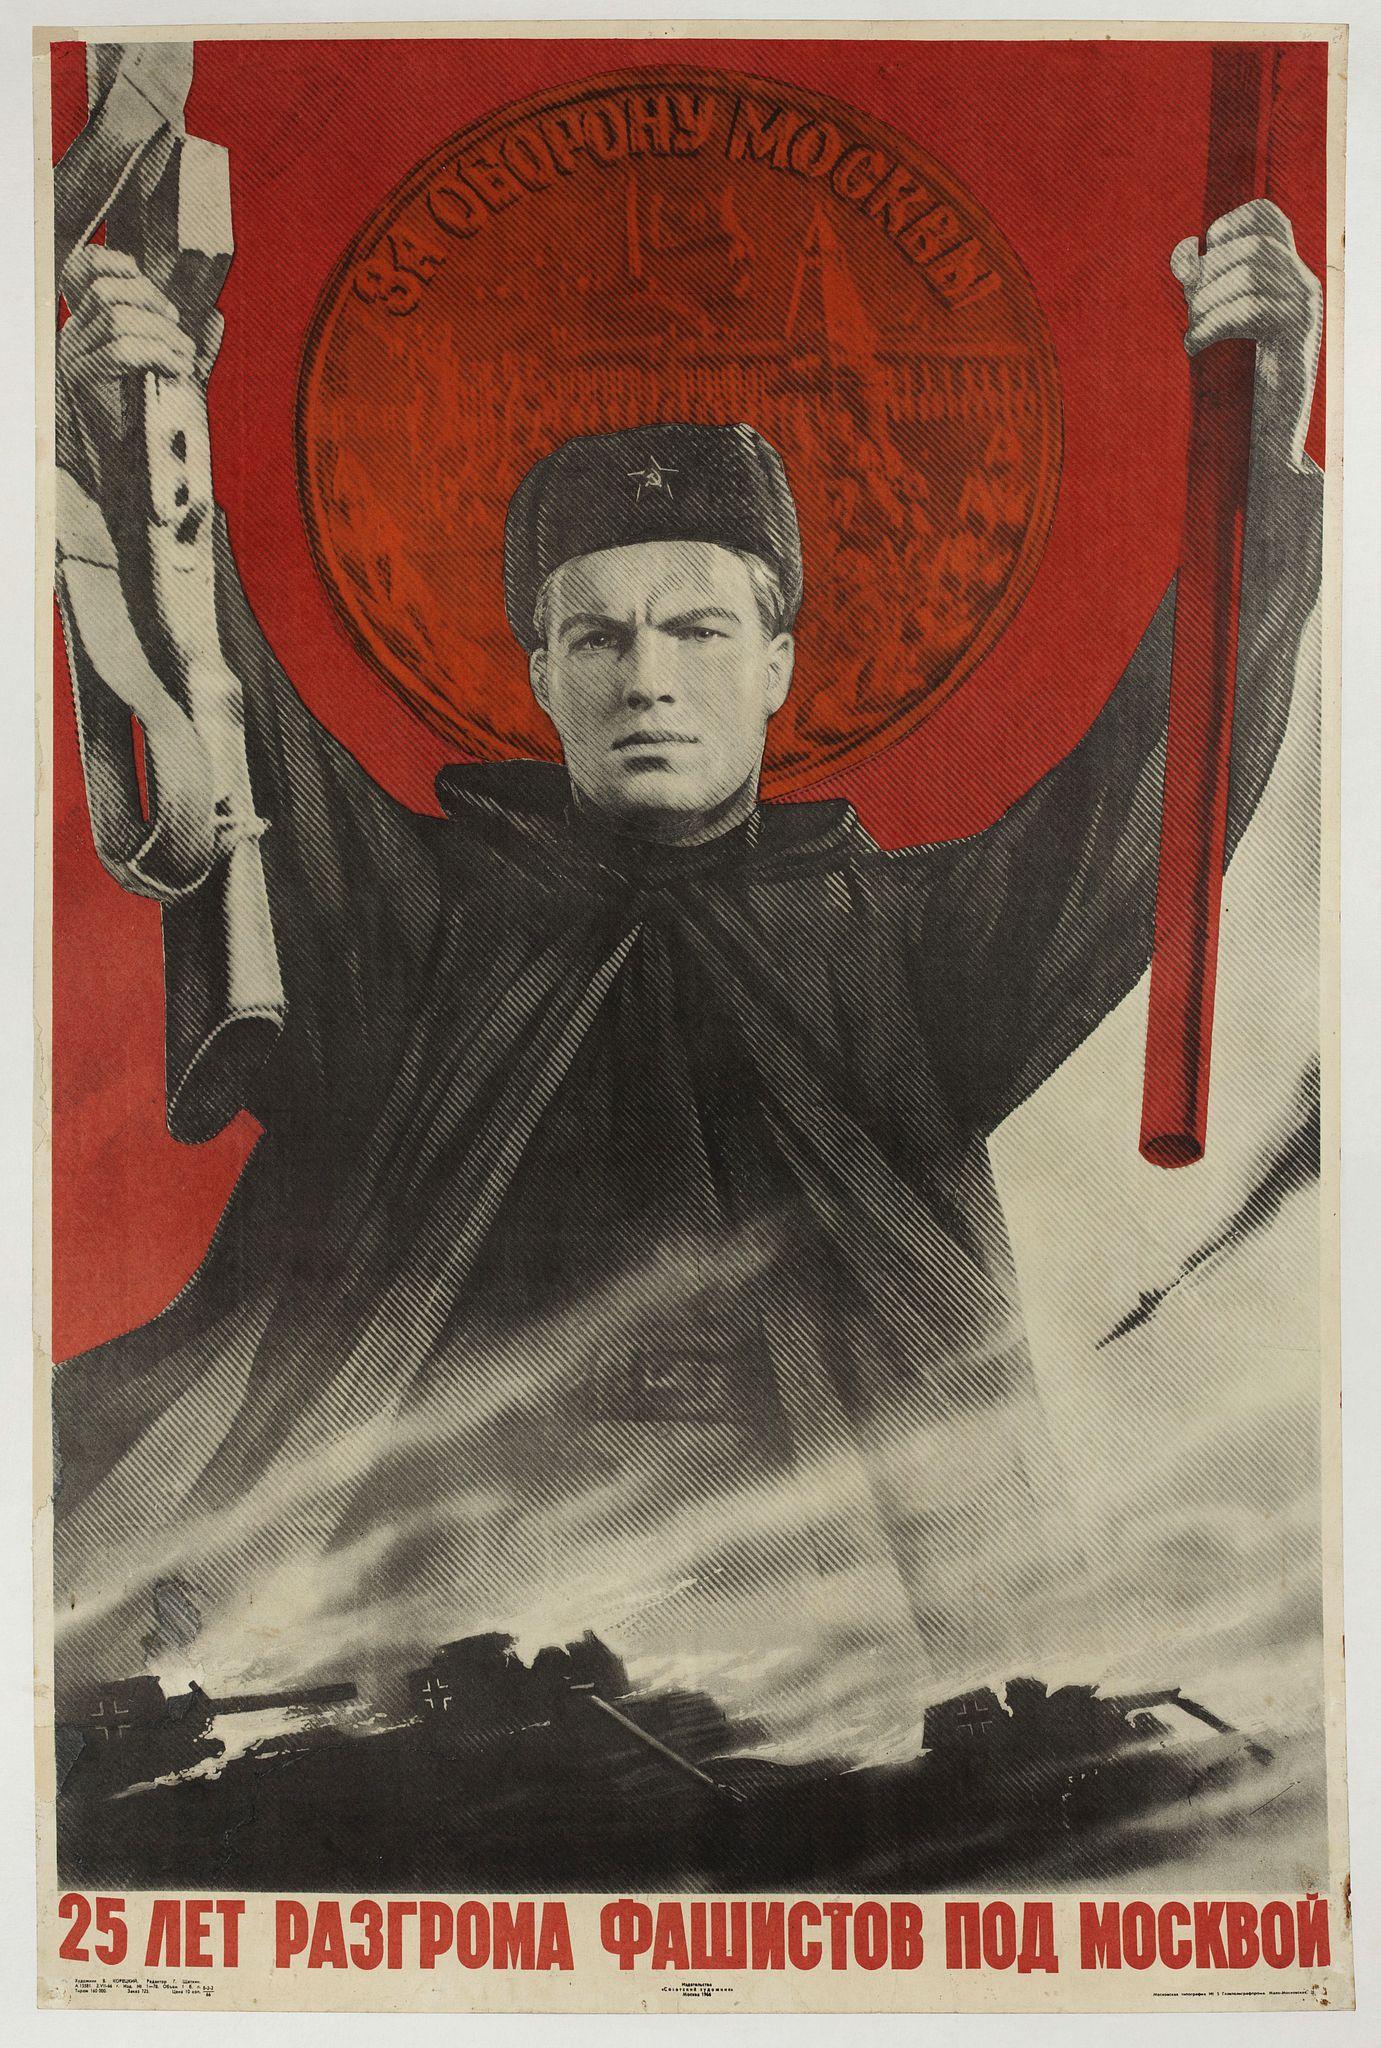 KORETSKY, V. -  [Russian propaganda poster].